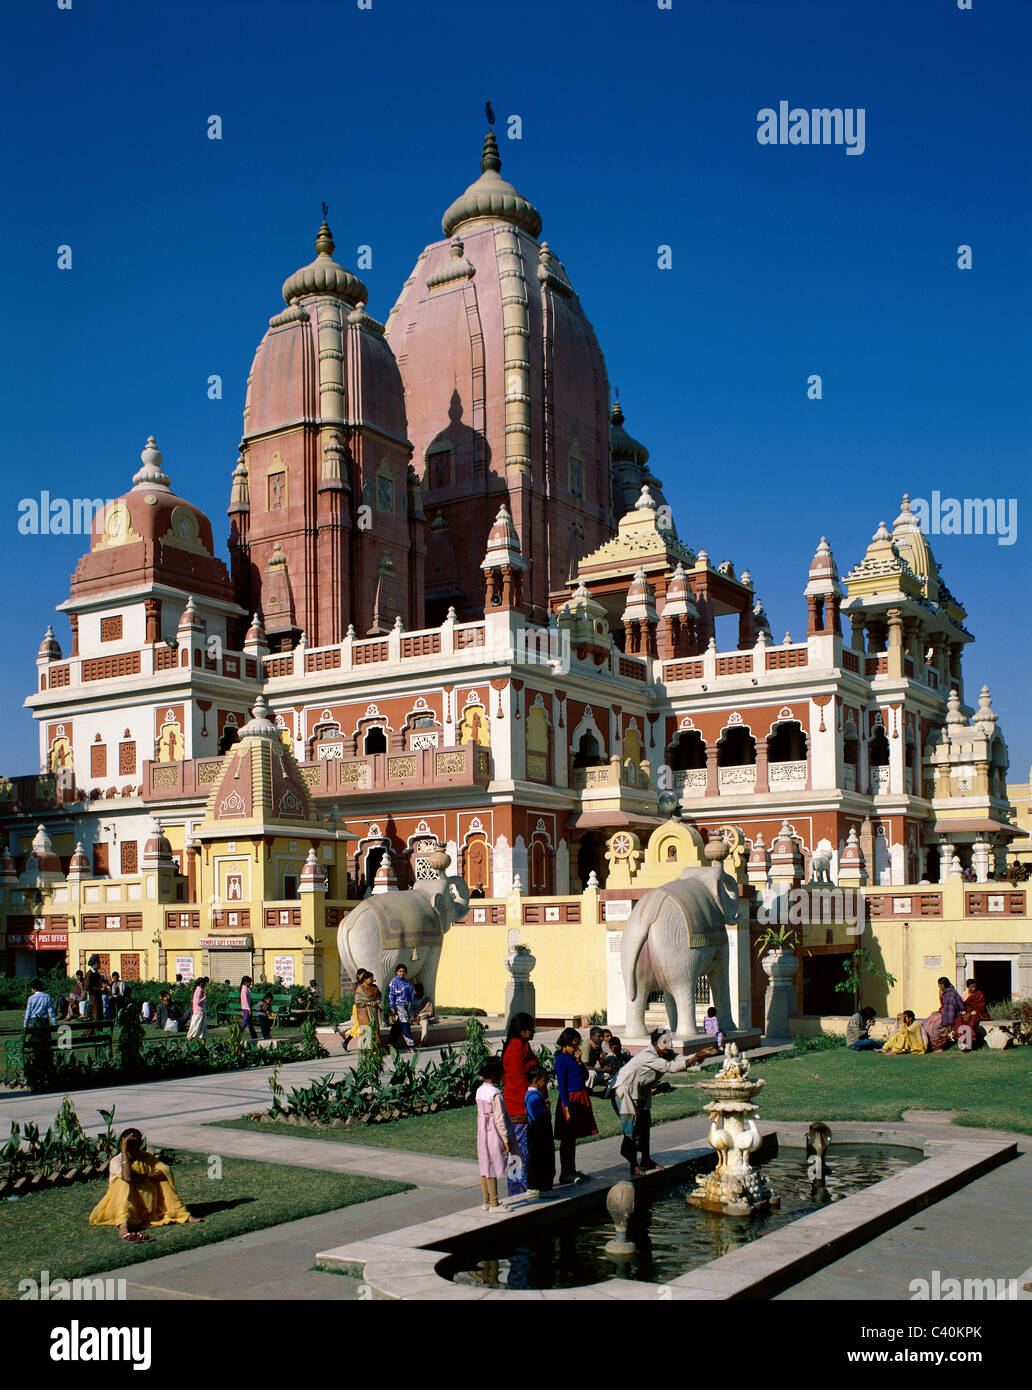 La Birla Mandir, Delhi, Fortune, Jardin, déesse, bon, vacances, Inde, Asie, Lakshmi, Monument, Monument, Narayan, Photo Stock